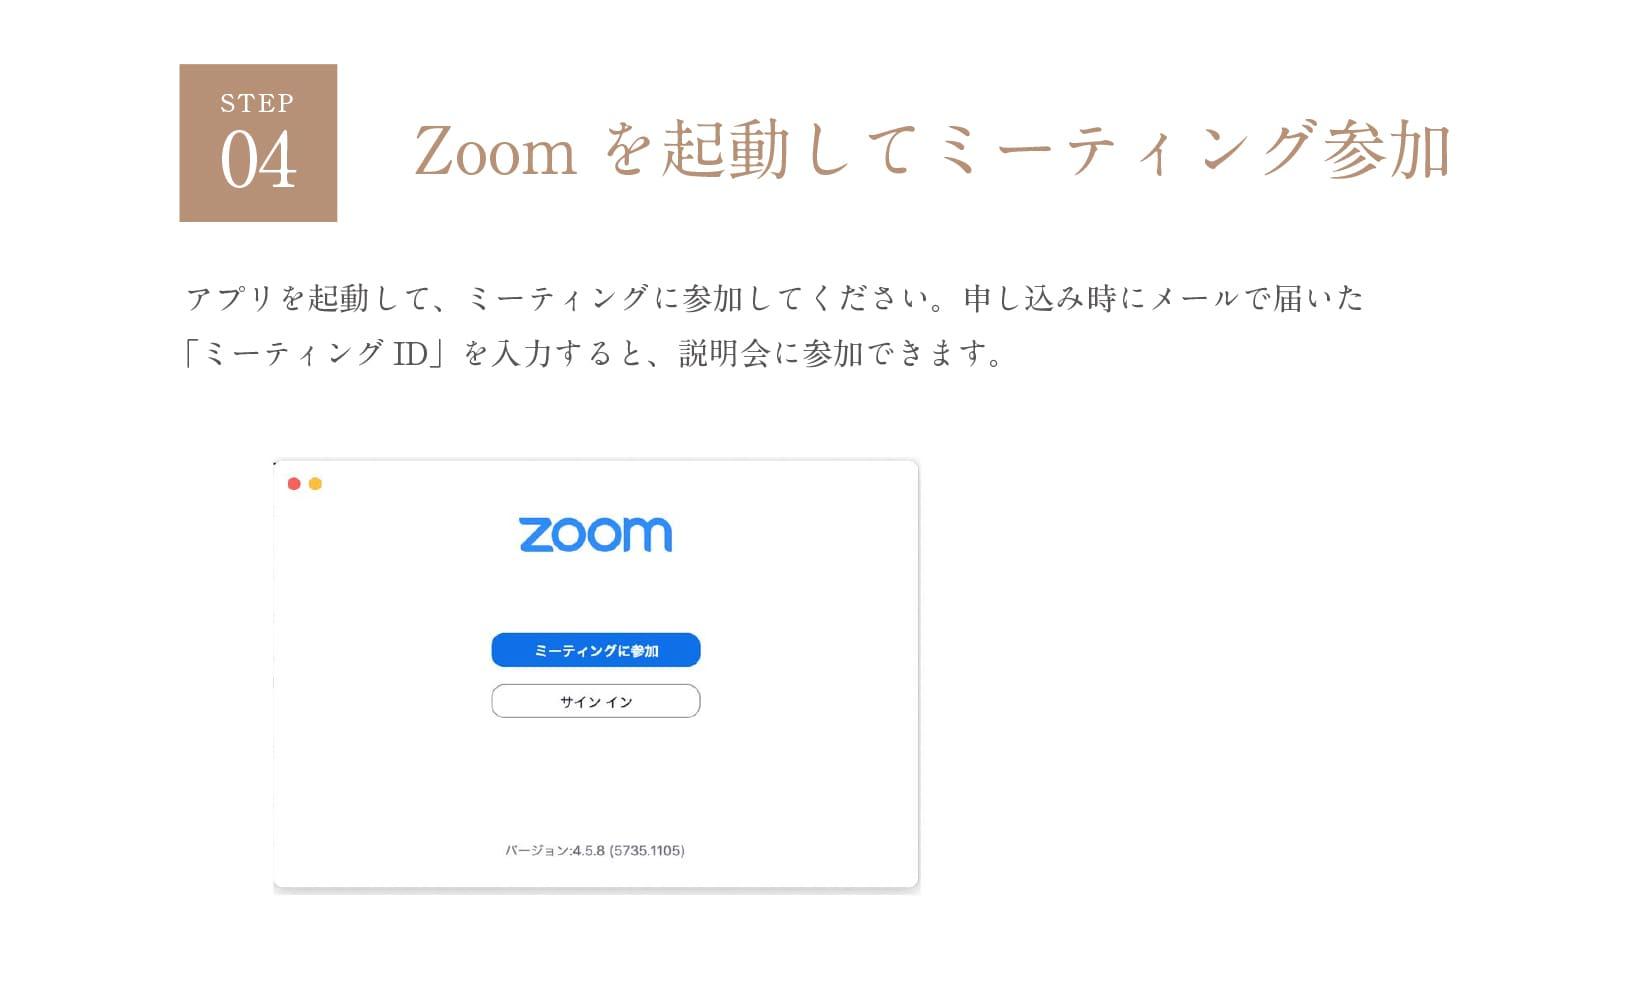 zoomで参加